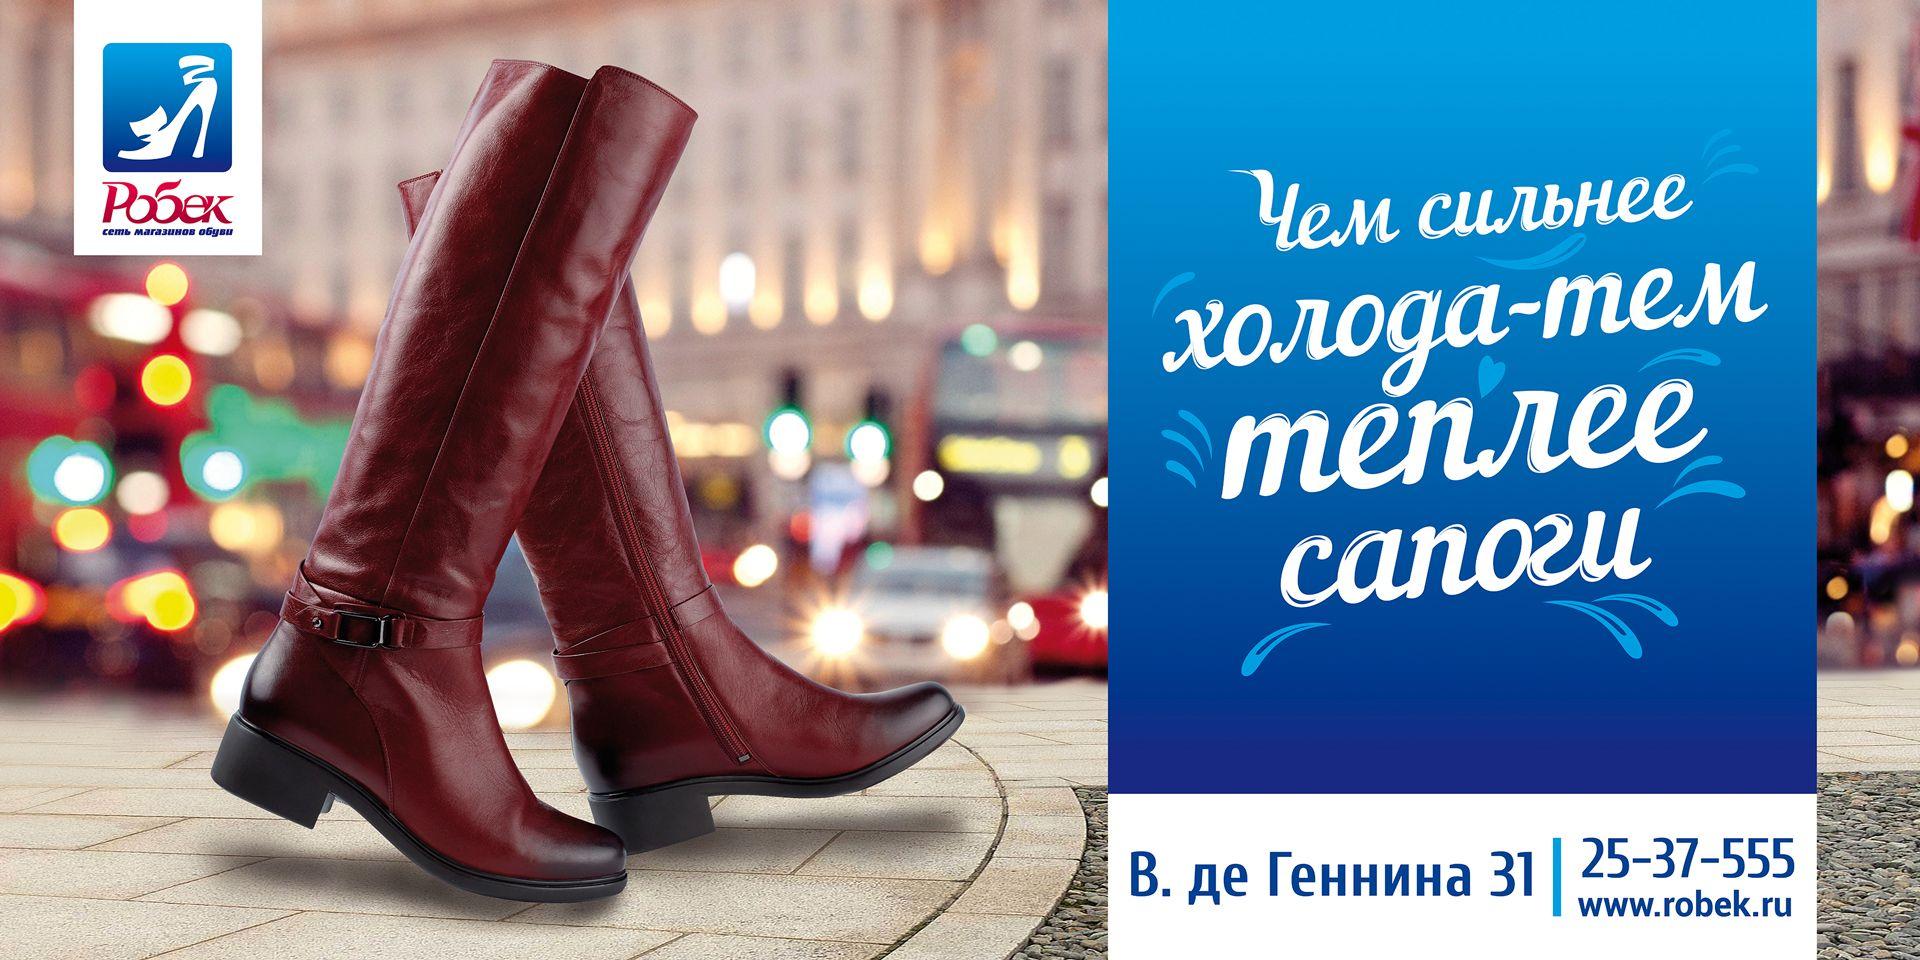 Наружная реклама в Екатеринбурге